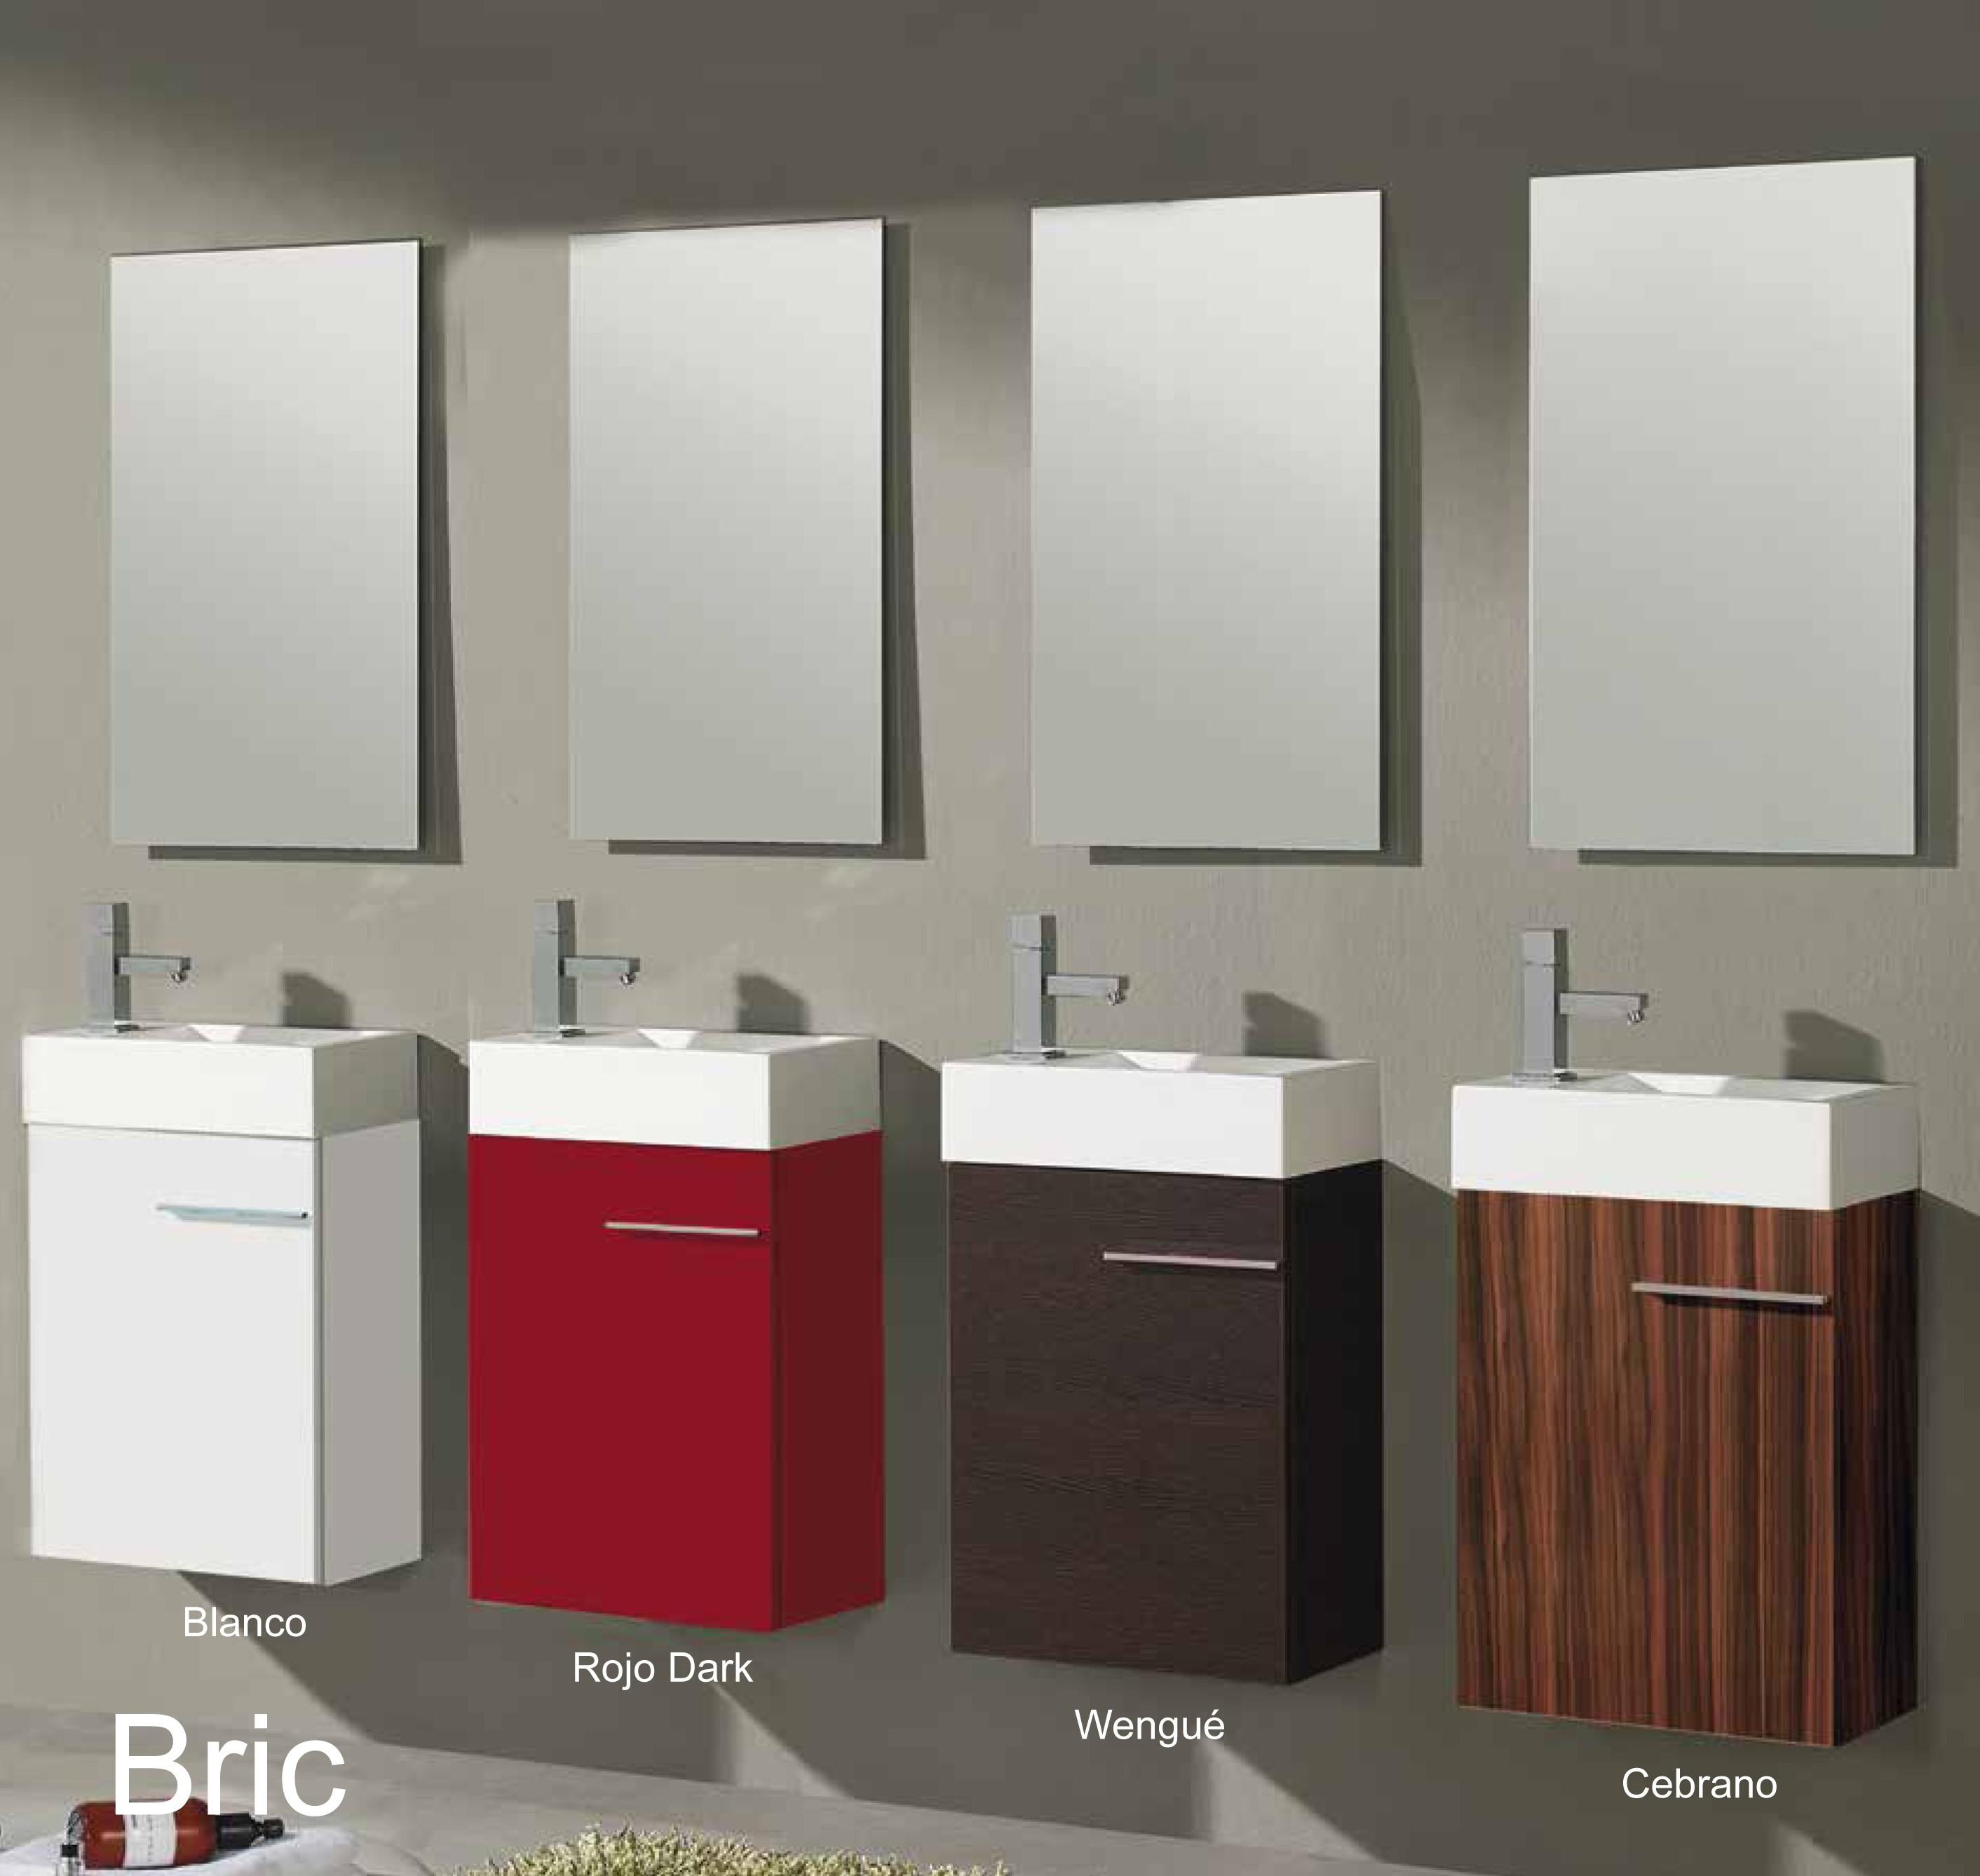 todomueblesonline - muebles de cocina. muebles de baño. muebles de